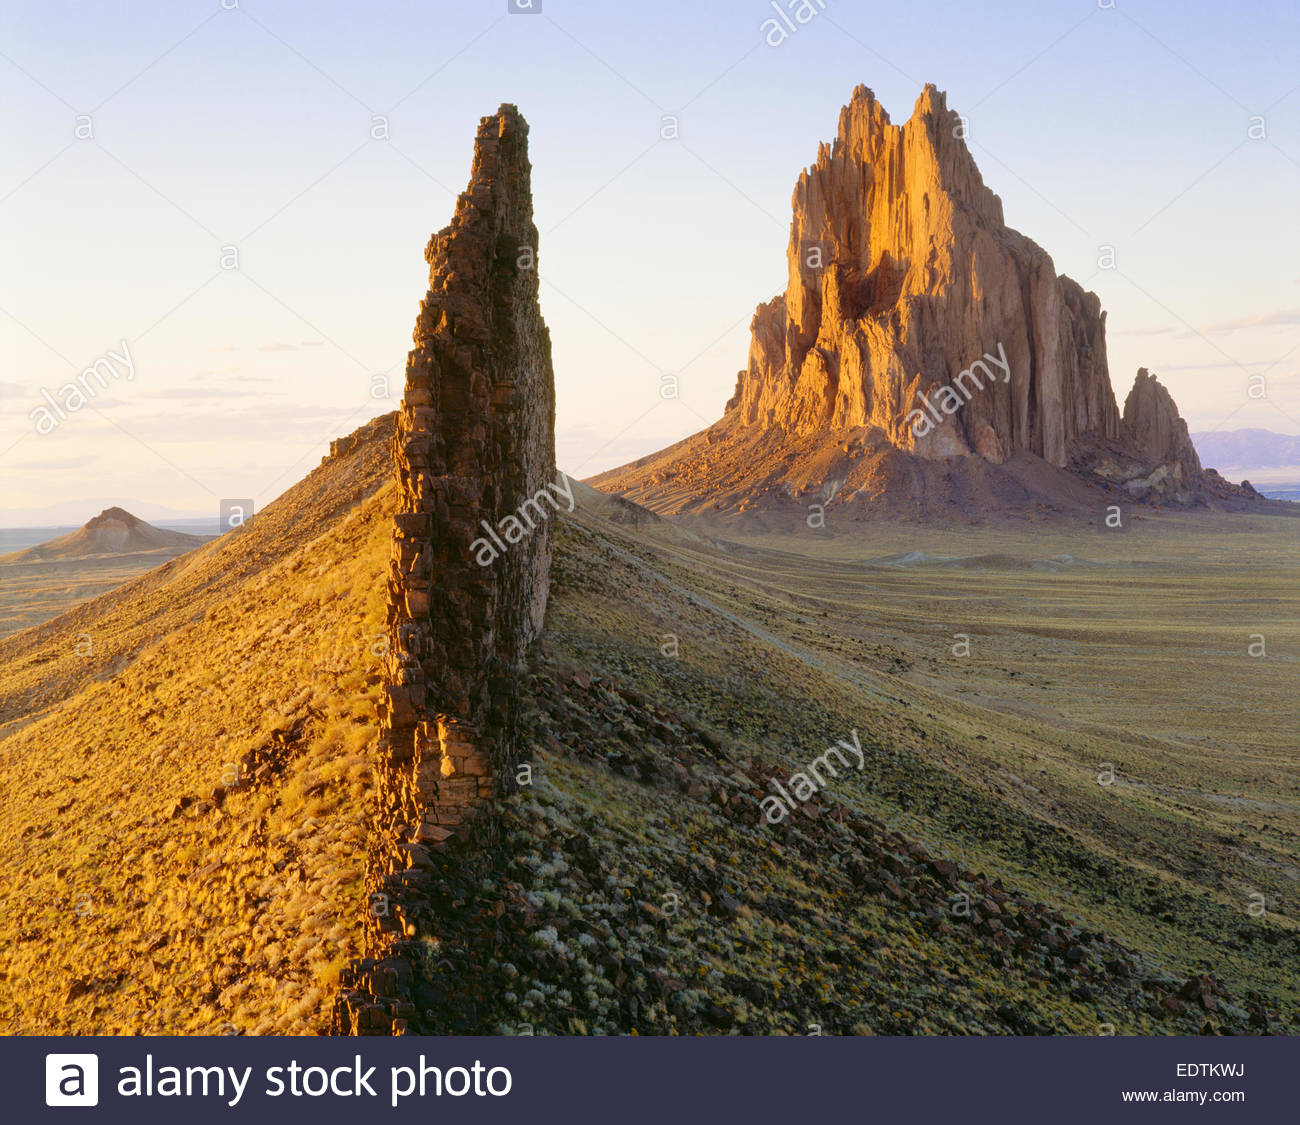 Shiprock, 1100 piedi alto monolito vulcanica, con collegato dicco vulcanico. Navajo Indian Reservation, Nuovo Messico. Immagini Stock